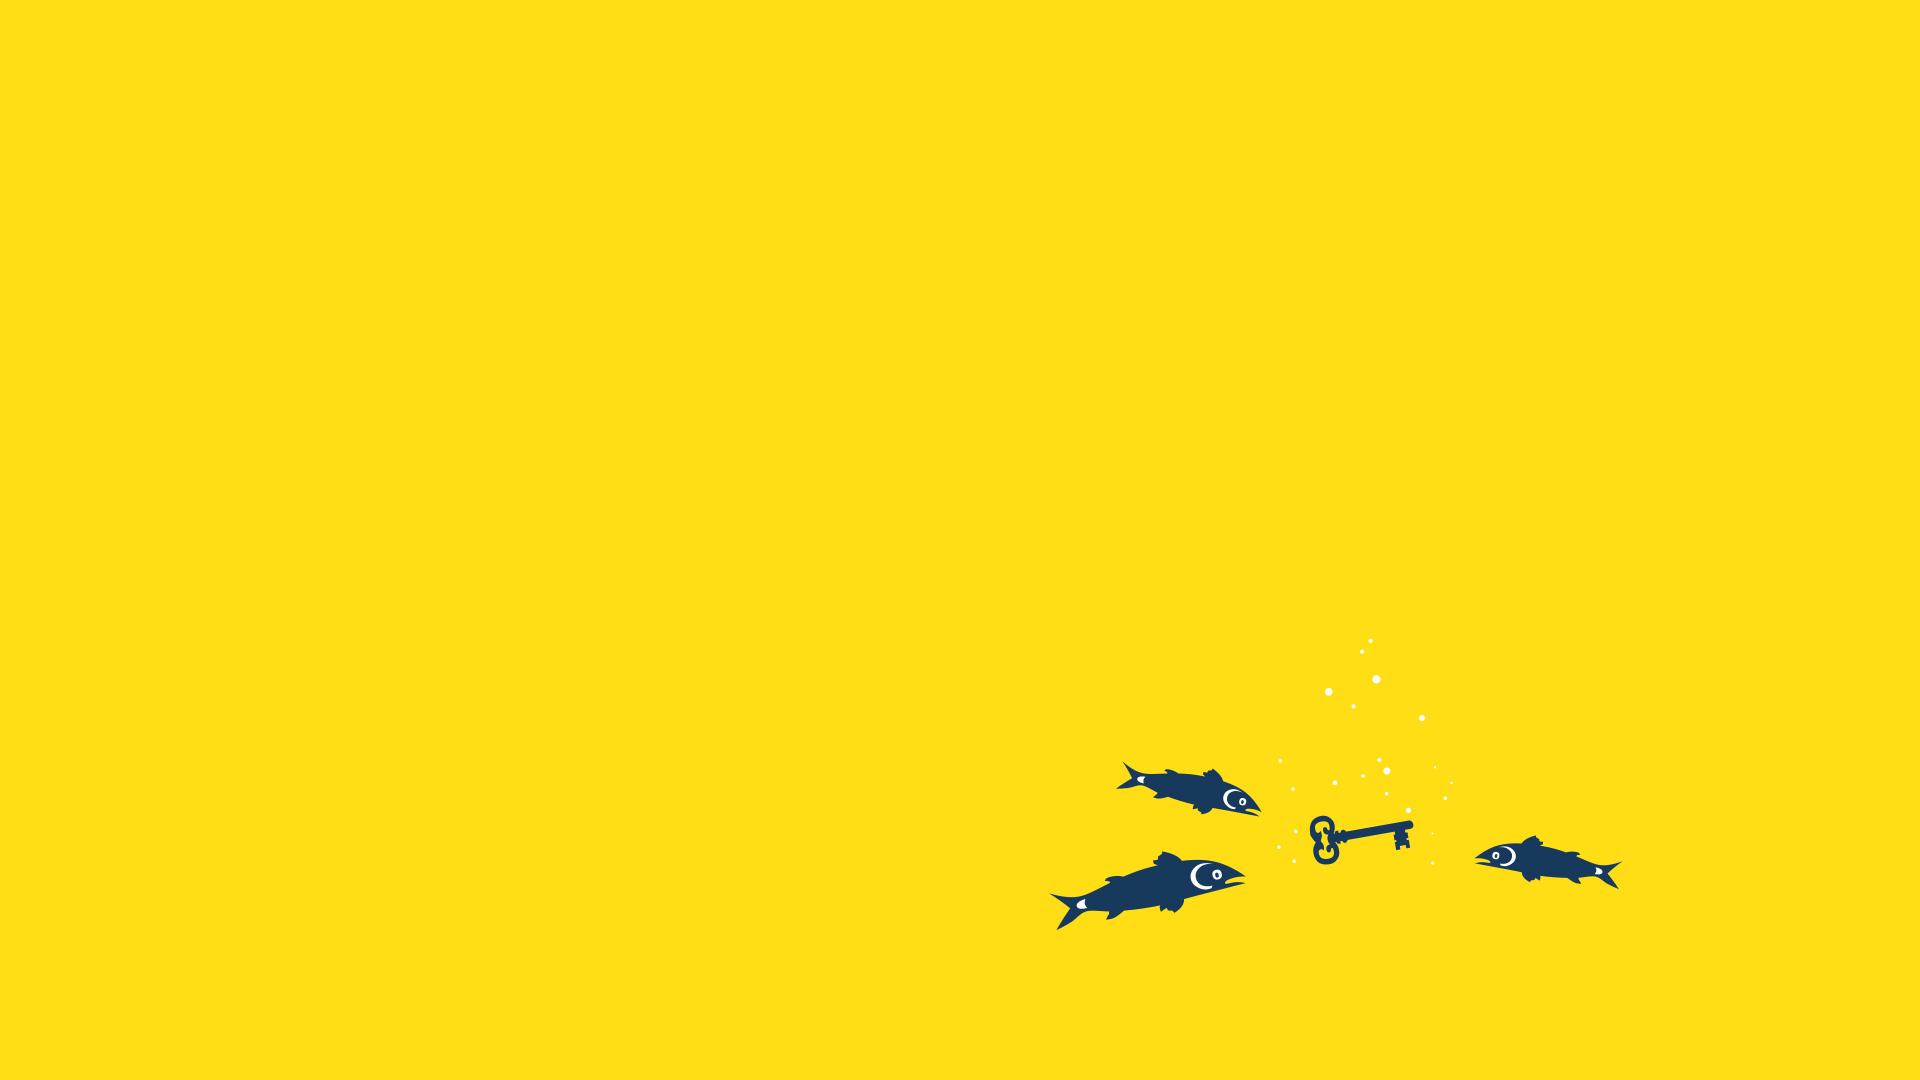 Full Size 1920×1080 animation 2